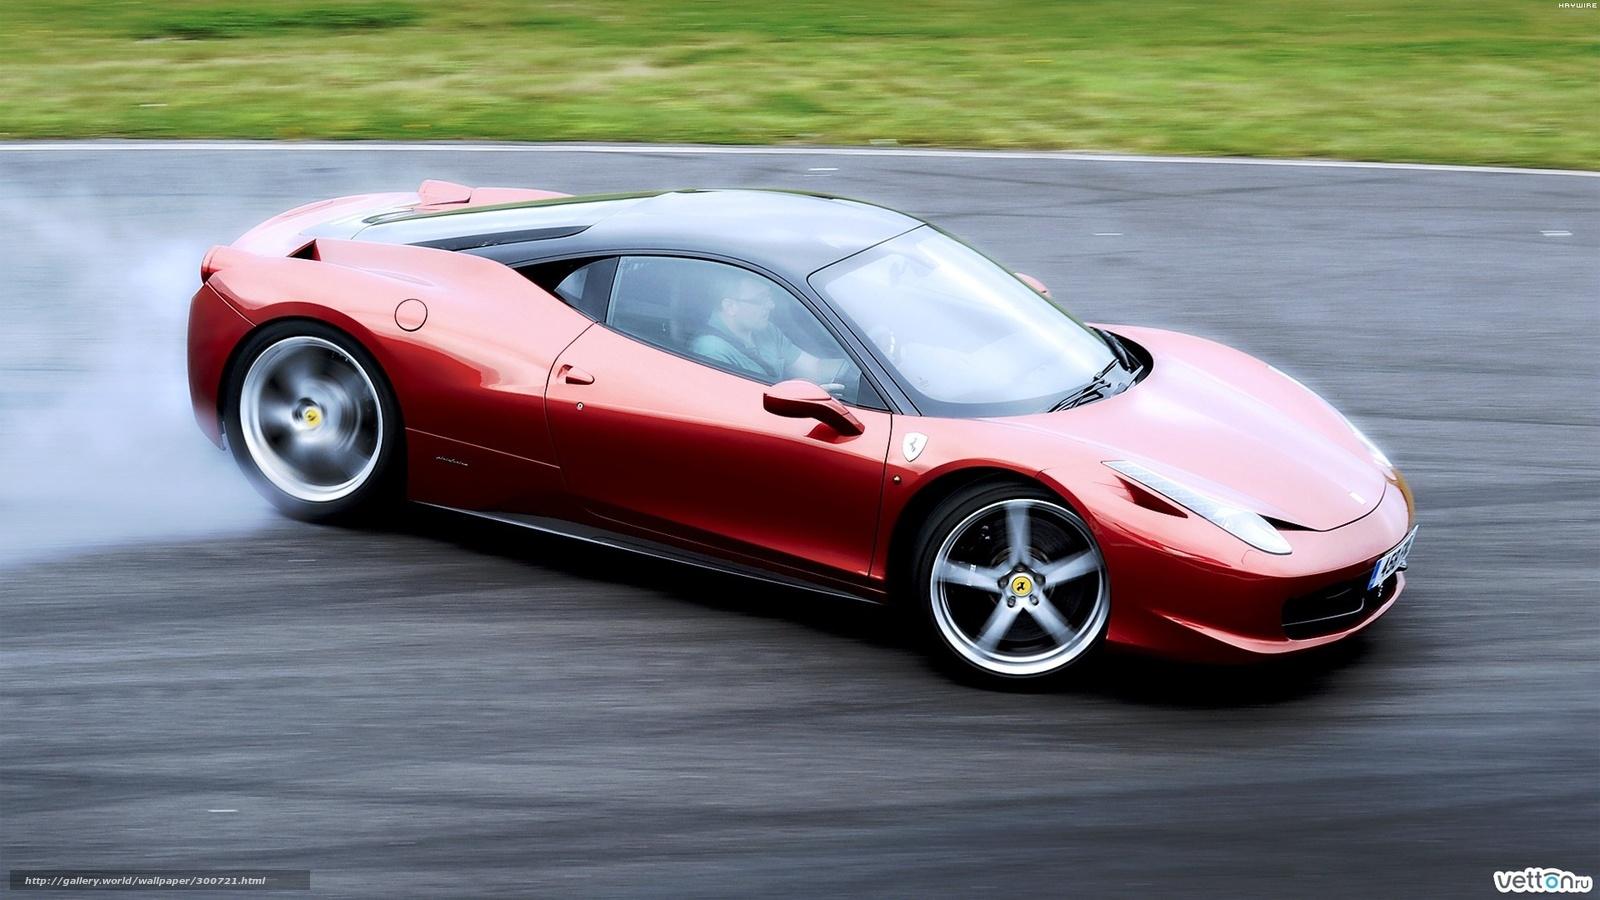 壁紙をダウンロード フェラーリ, フェラーリ, 赤, ドリフト デスクトップの解像度のための無料壁紙 ...